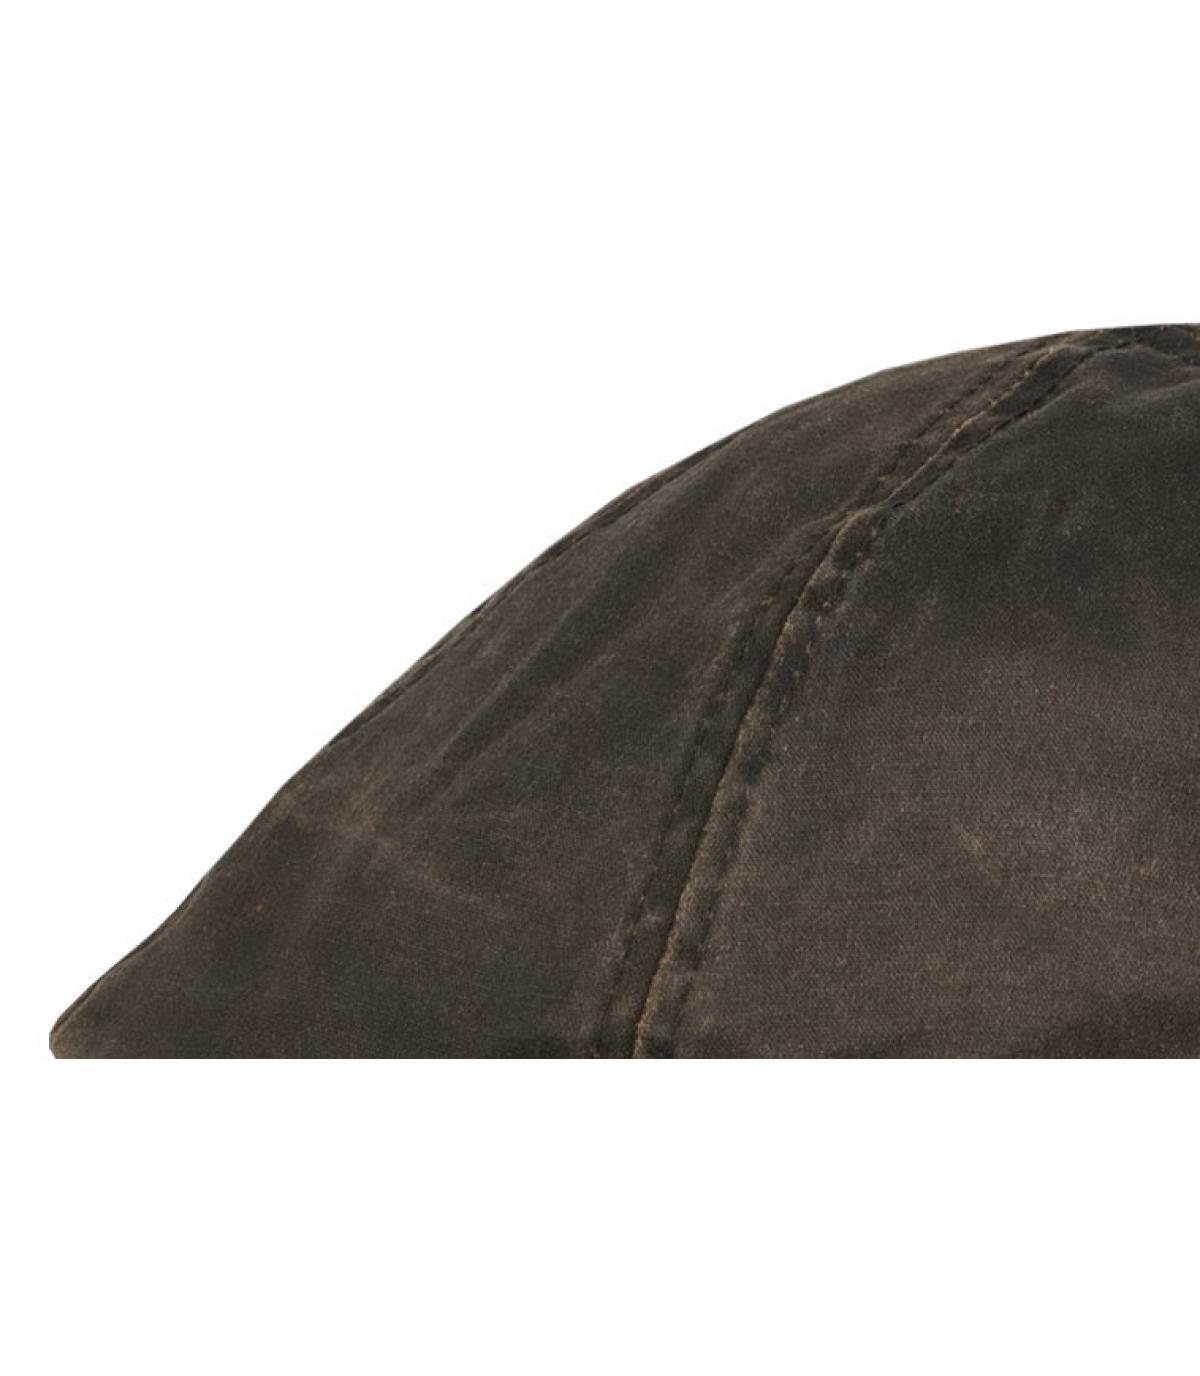 stetson brown duckbill cap